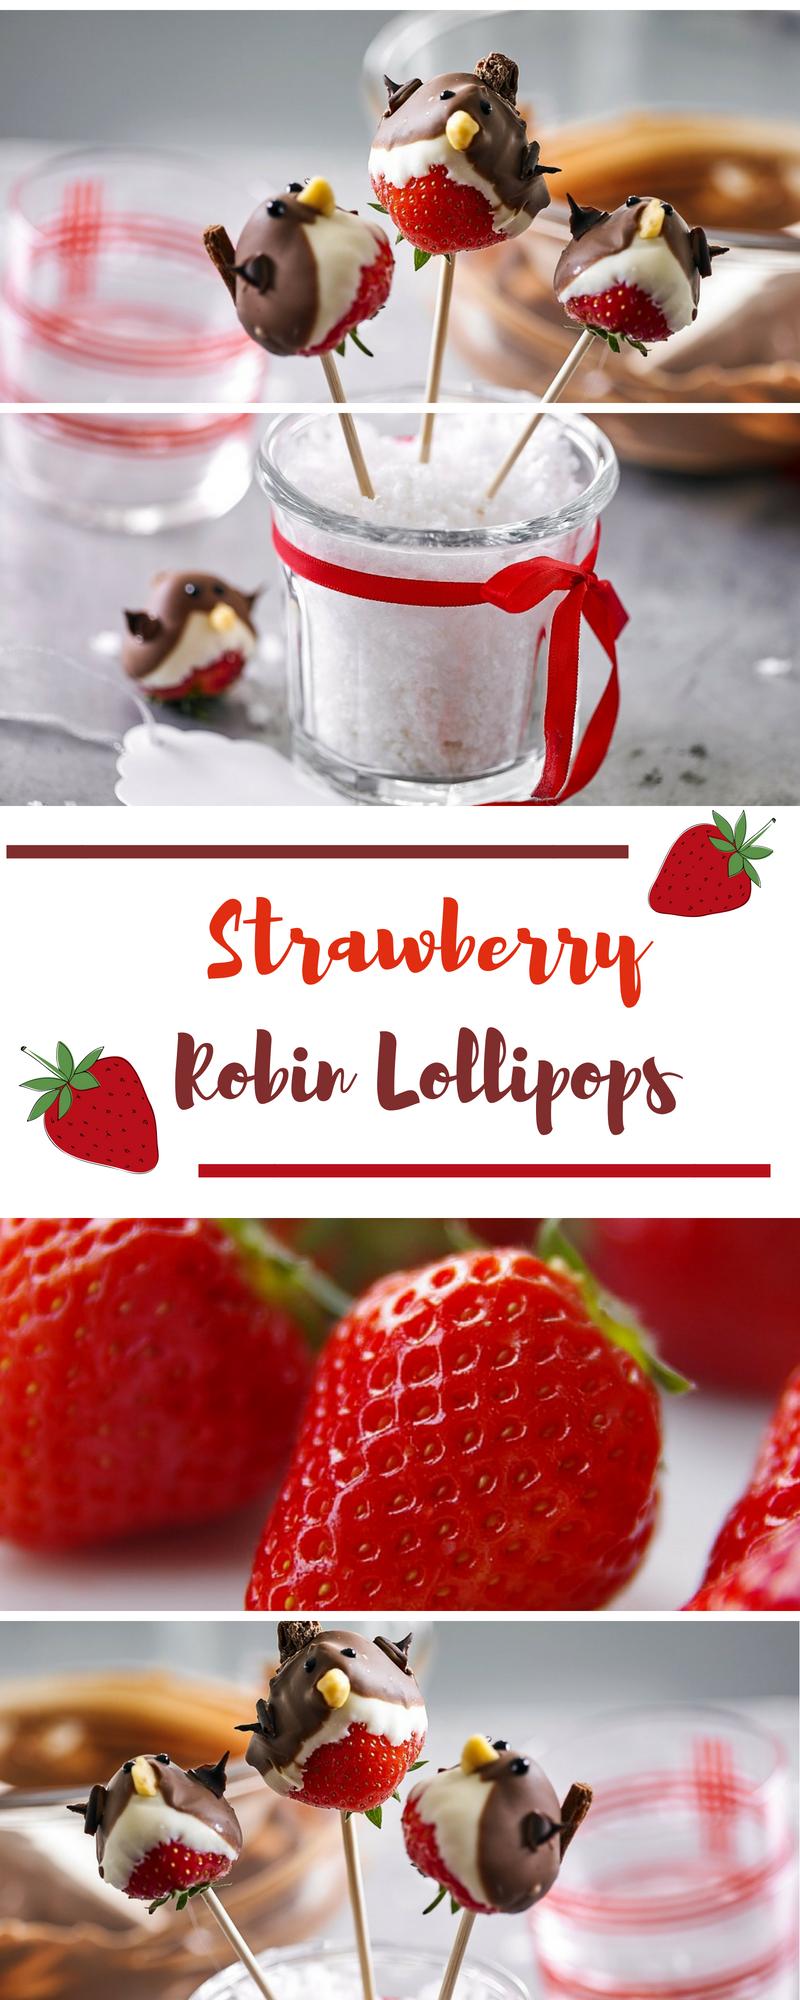 Strawberry Robin Lollipops